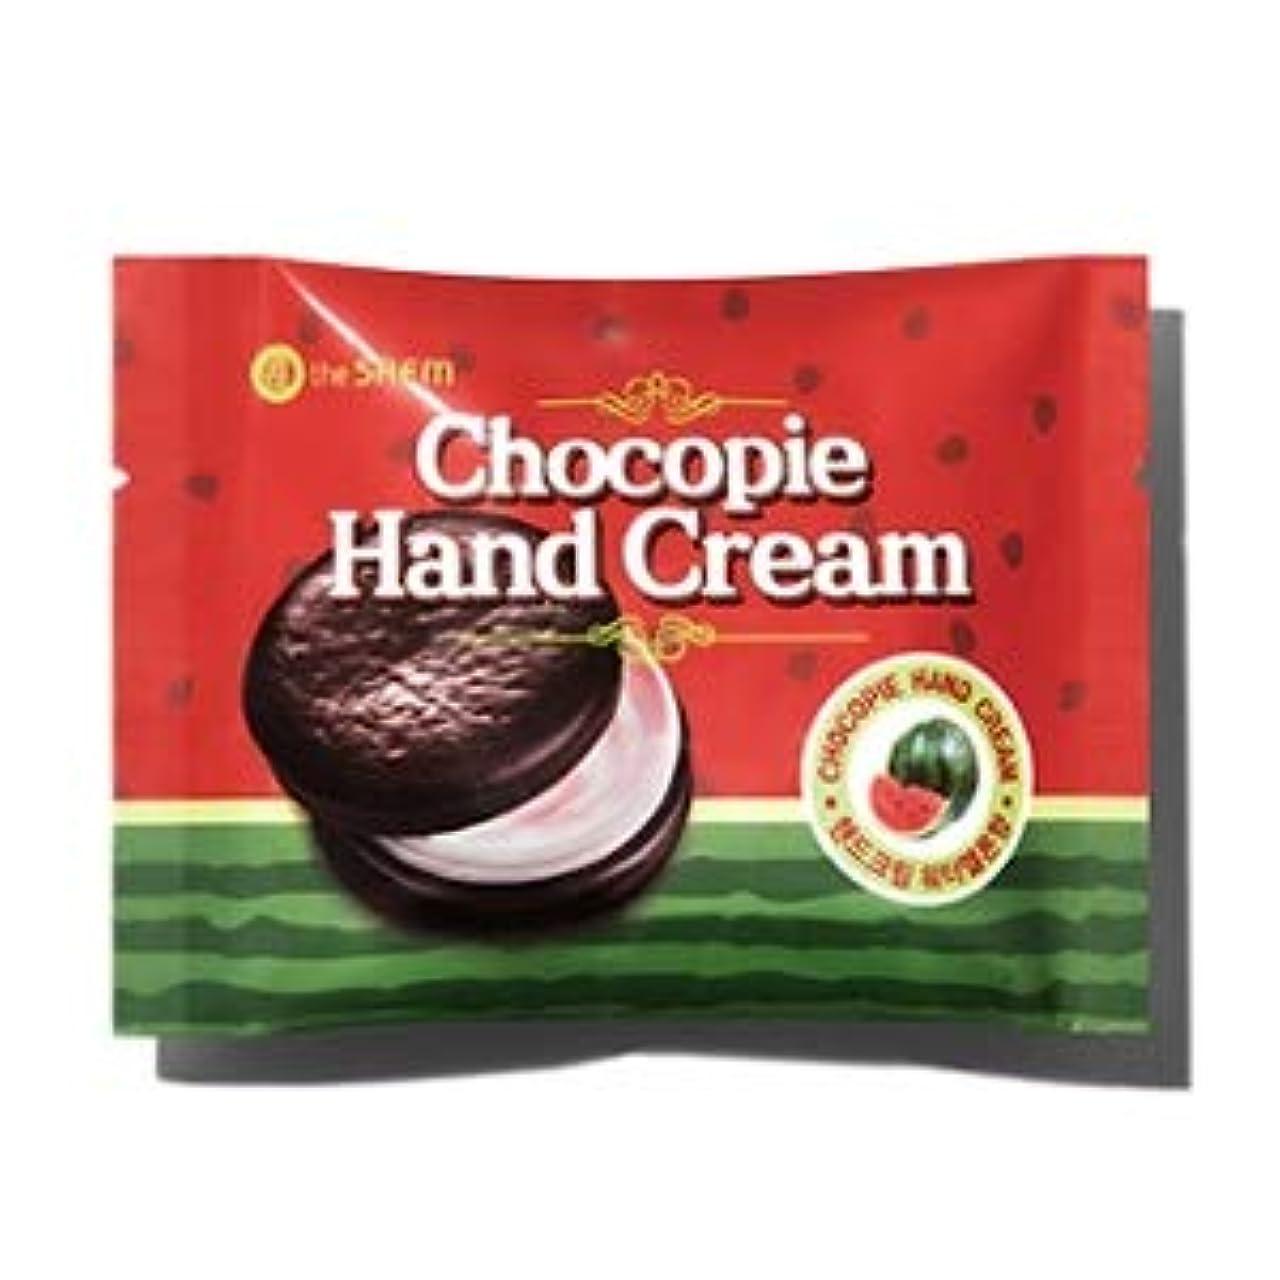 ドキュメンタリー下るテクニカルザセム チョコパイハンドクリーム - スイカ 35ml / The Saem Chocopie Hand Cream -Watermelon 35ml [並行輸入品]